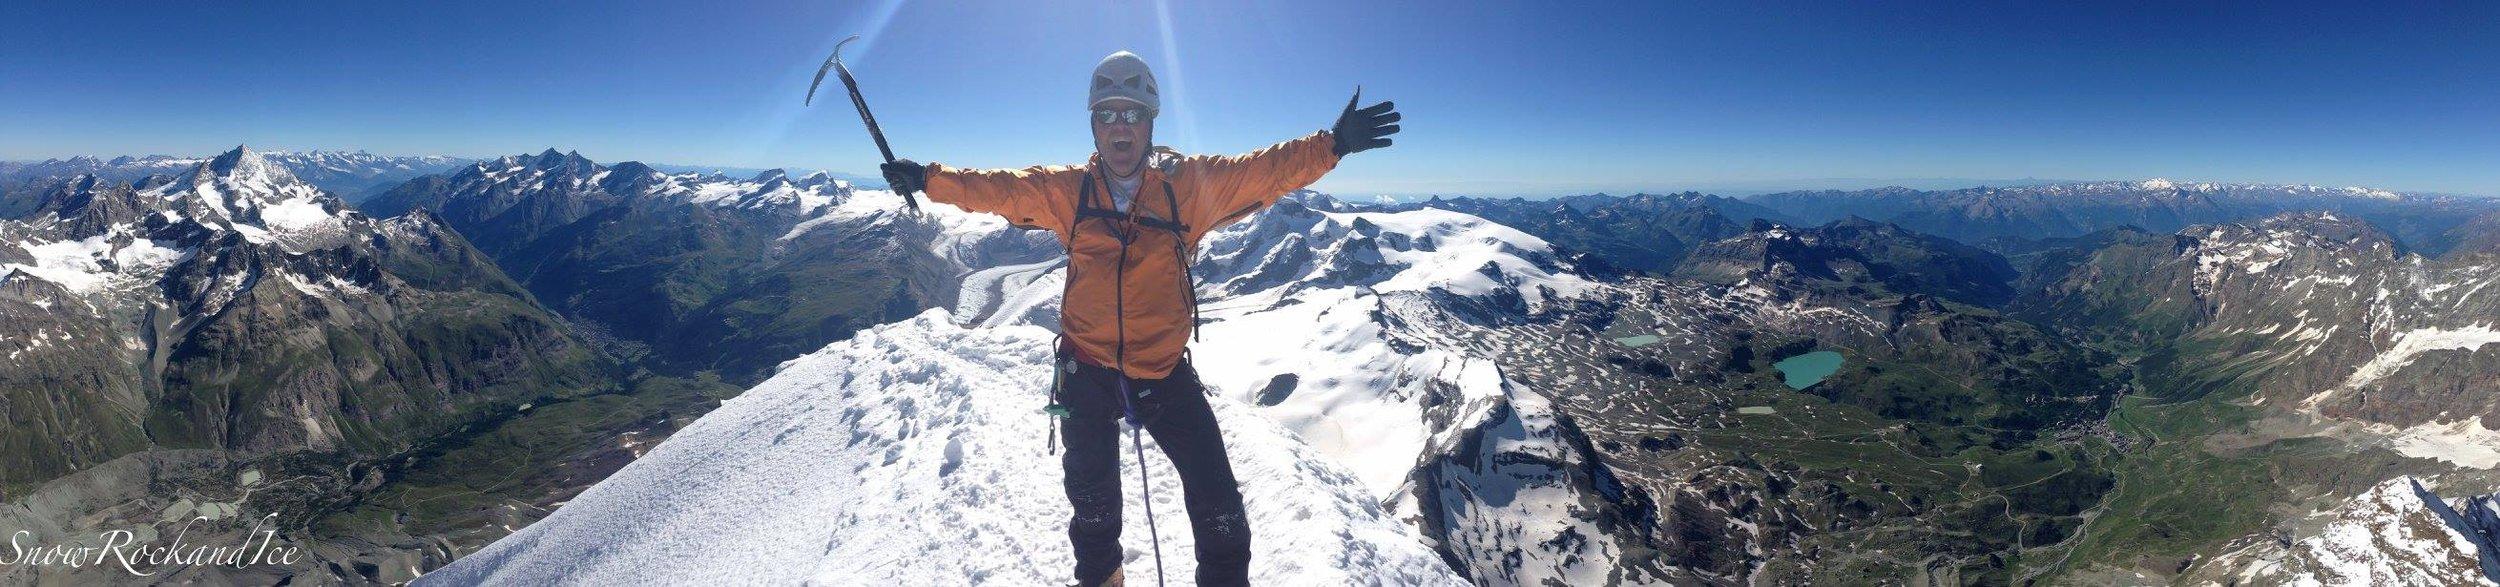 Joseph Caulkins_top of mountain.jpg